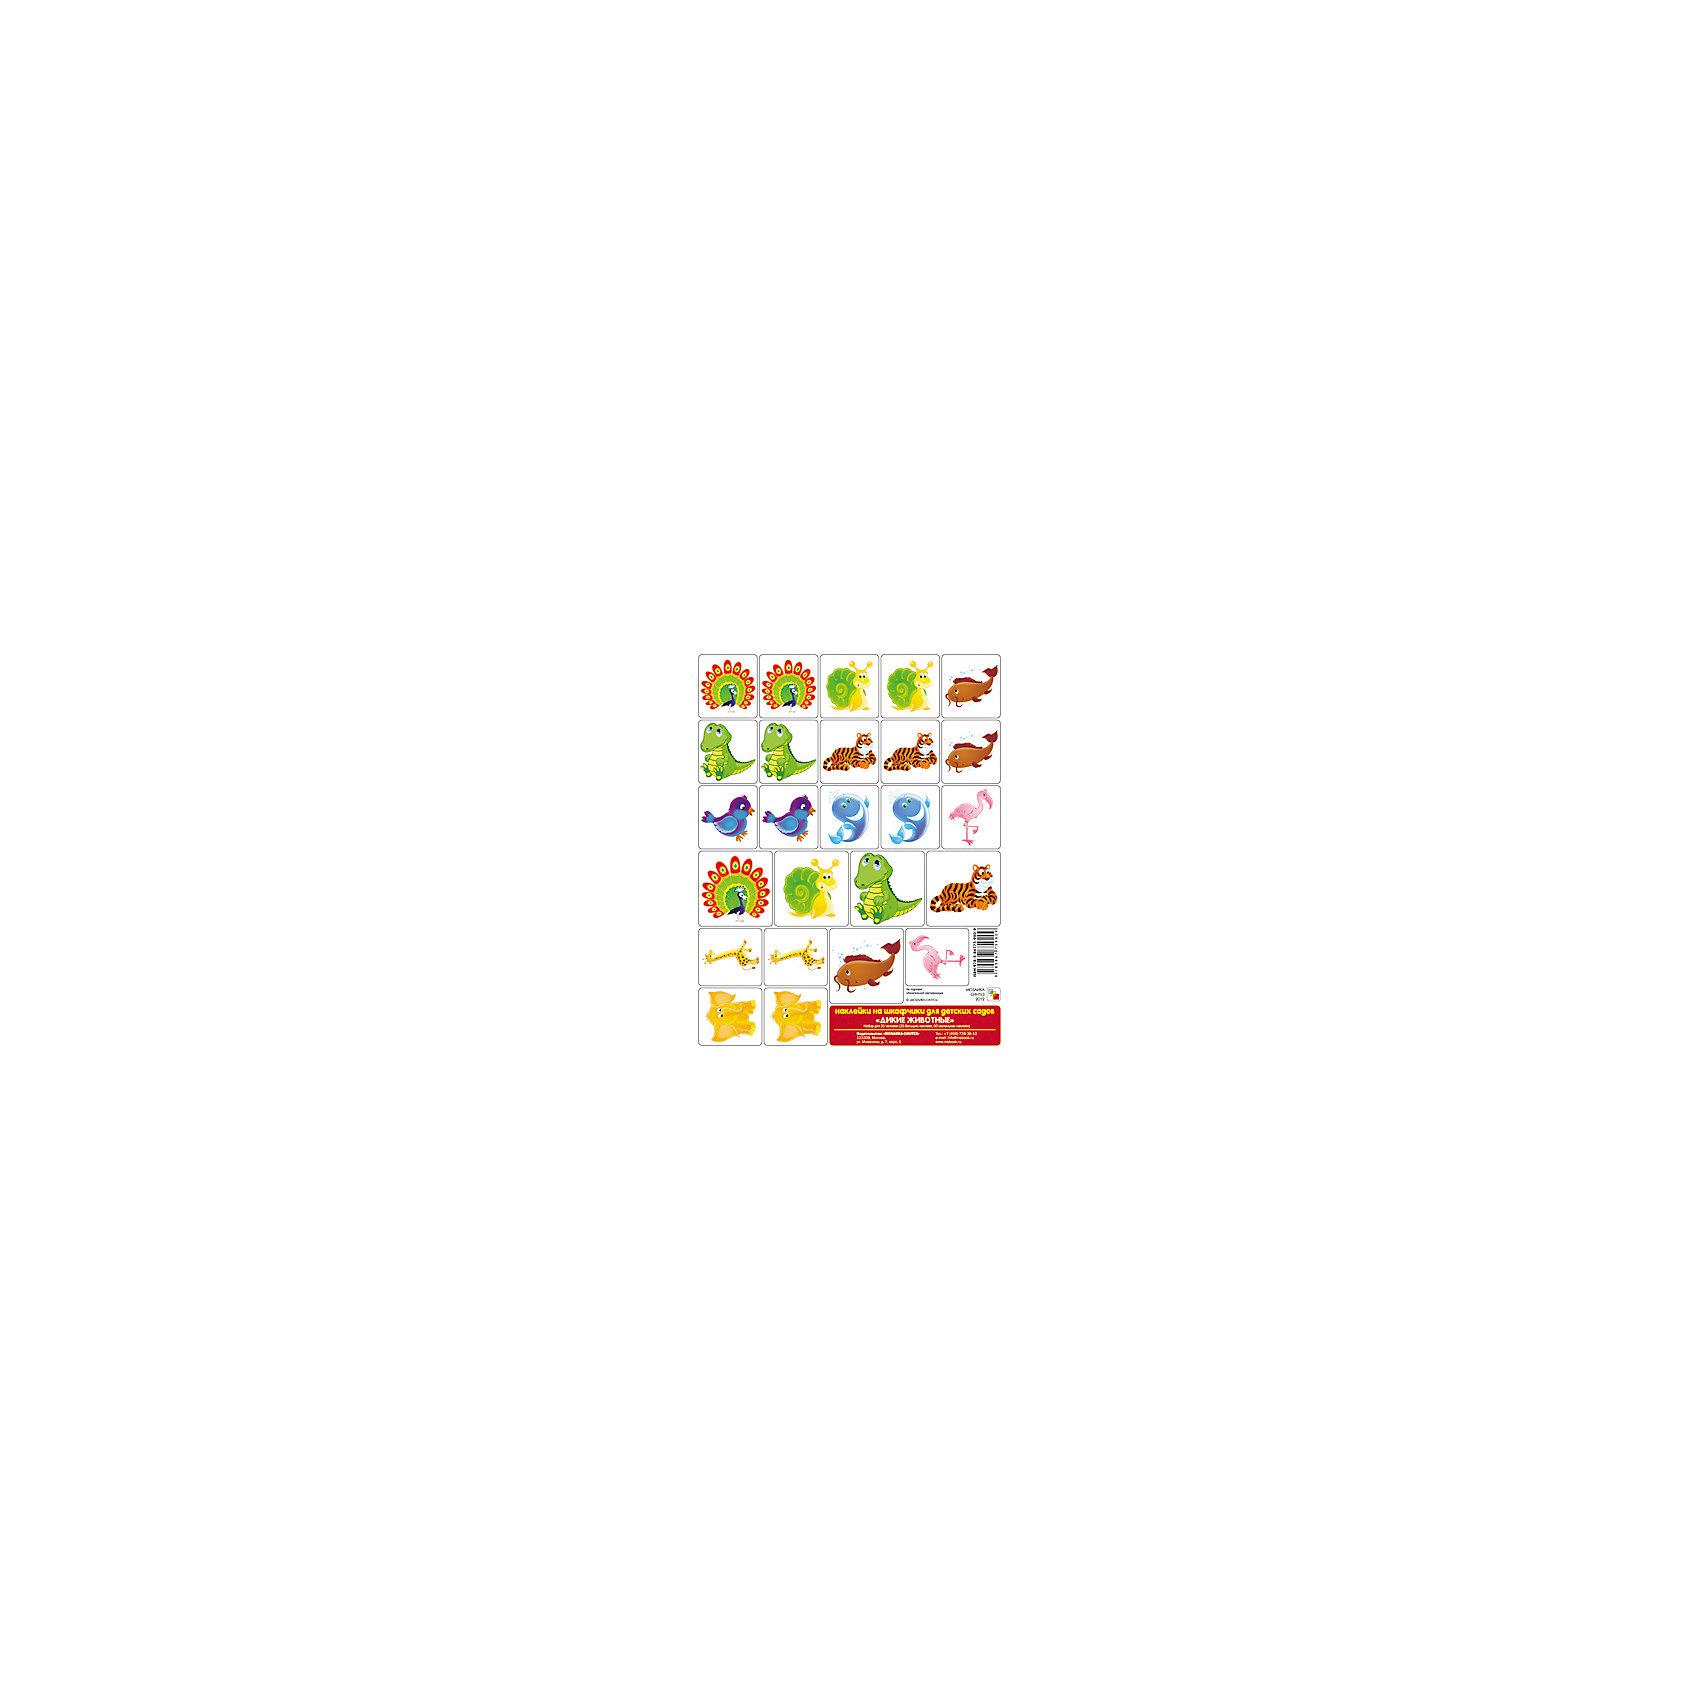 Наклейки на шкафчики Дикие животные, Мозаика-СинтезПредметы интерьера<br>Наклейки на шкафчики Дикие животные, Мозаика-Синтез.<br><br>Характеристики:<br><br>• Издательство: МОЗАИКА-СИНТЕЗ<br>• ISBN: 9785867759209<br>• Тип: наклейки.<br>• Возраст: от 3-7 лет.<br>• Размер книги: 450х350 мм.<br>• В комплекте 75 наклеек, по 3 наклейки на человека, (1 большая и 2 маленьких).<br><br>Красочные наклейки для детского сада обязательно понравятся малышам, будут радовать их и помогут с лёгкостью находить свои шкафчики. Рассчитано на 25 человек.<br><br>Наклейки на шкафчики Дикие животные, Мозаика-Синтез, можно купить в нашем интернет – магазине.<br><br>Ширина мм: 0<br>Глубина мм: 350<br>Высота мм: 450<br>Вес г: 86<br>Возраст от месяцев: 0<br>Возраст до месяцев: 84<br>Пол: Унисекс<br>Возраст: Детский<br>SKU: 5428933